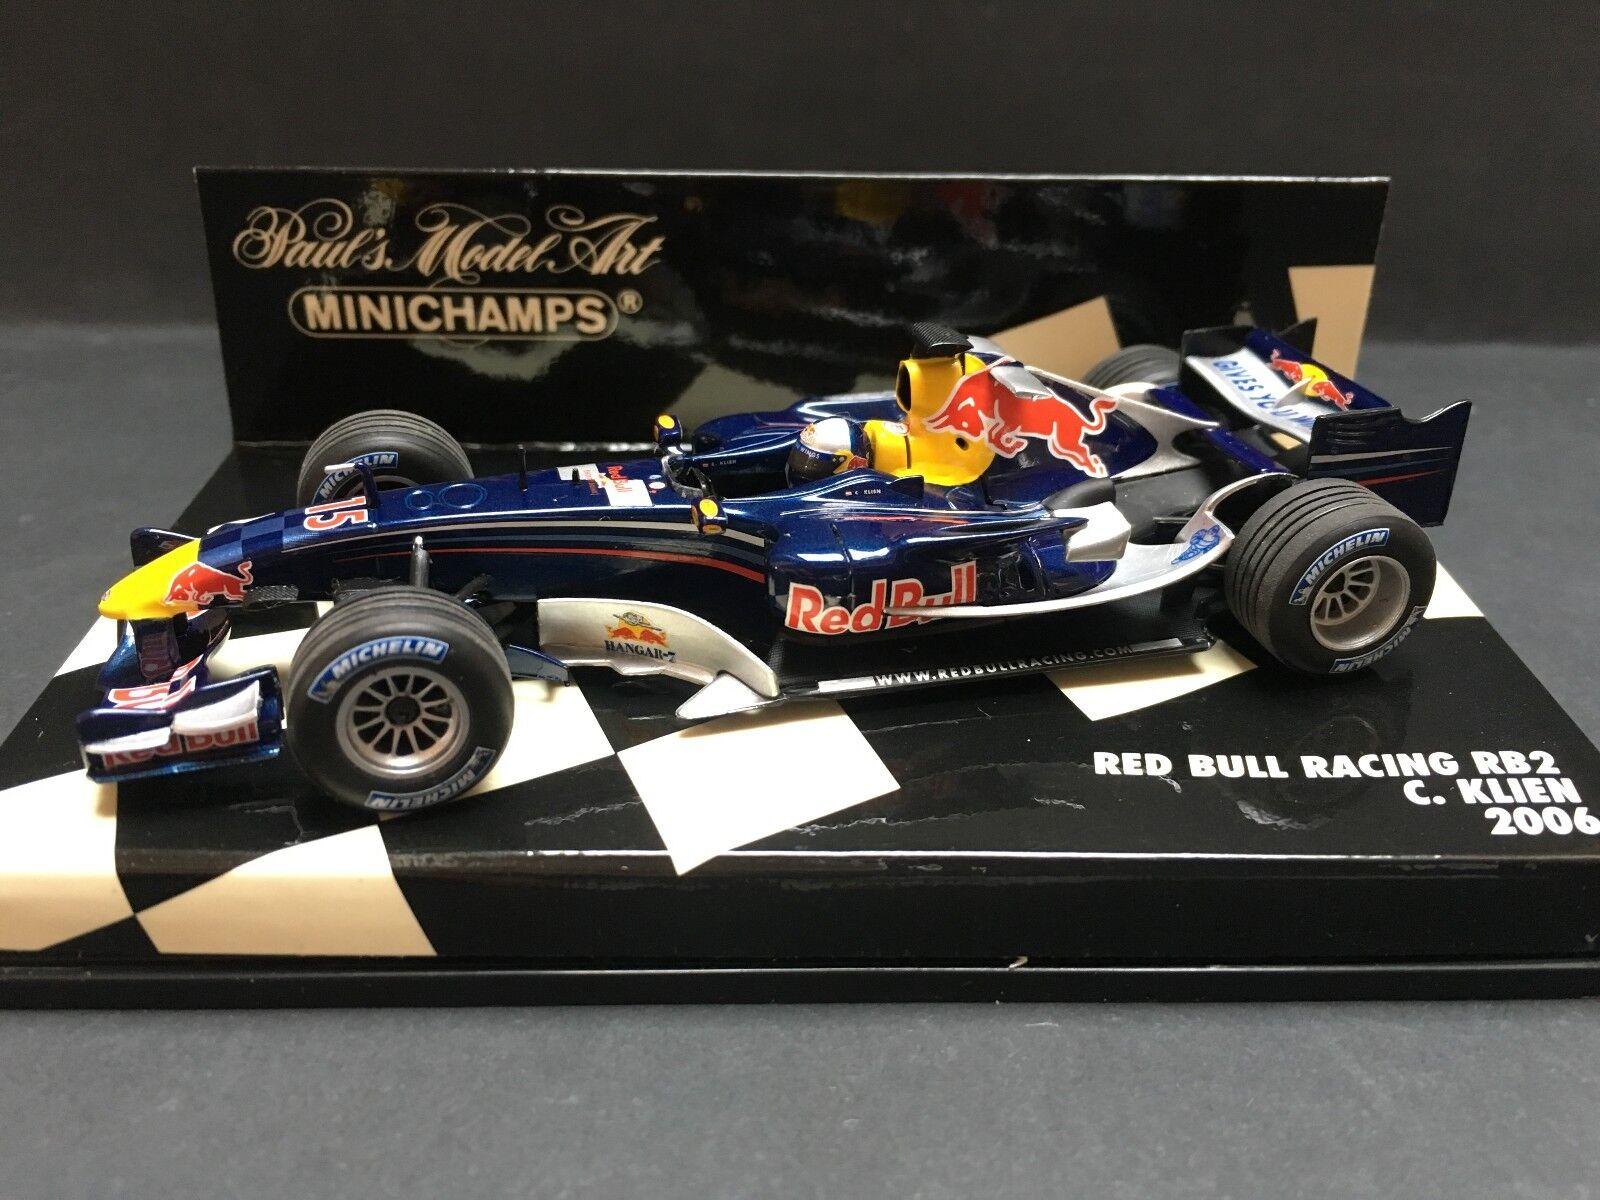 Minichamps - Christian Klien - Red Bull - RB2 - 2006 -1:43 - Rare